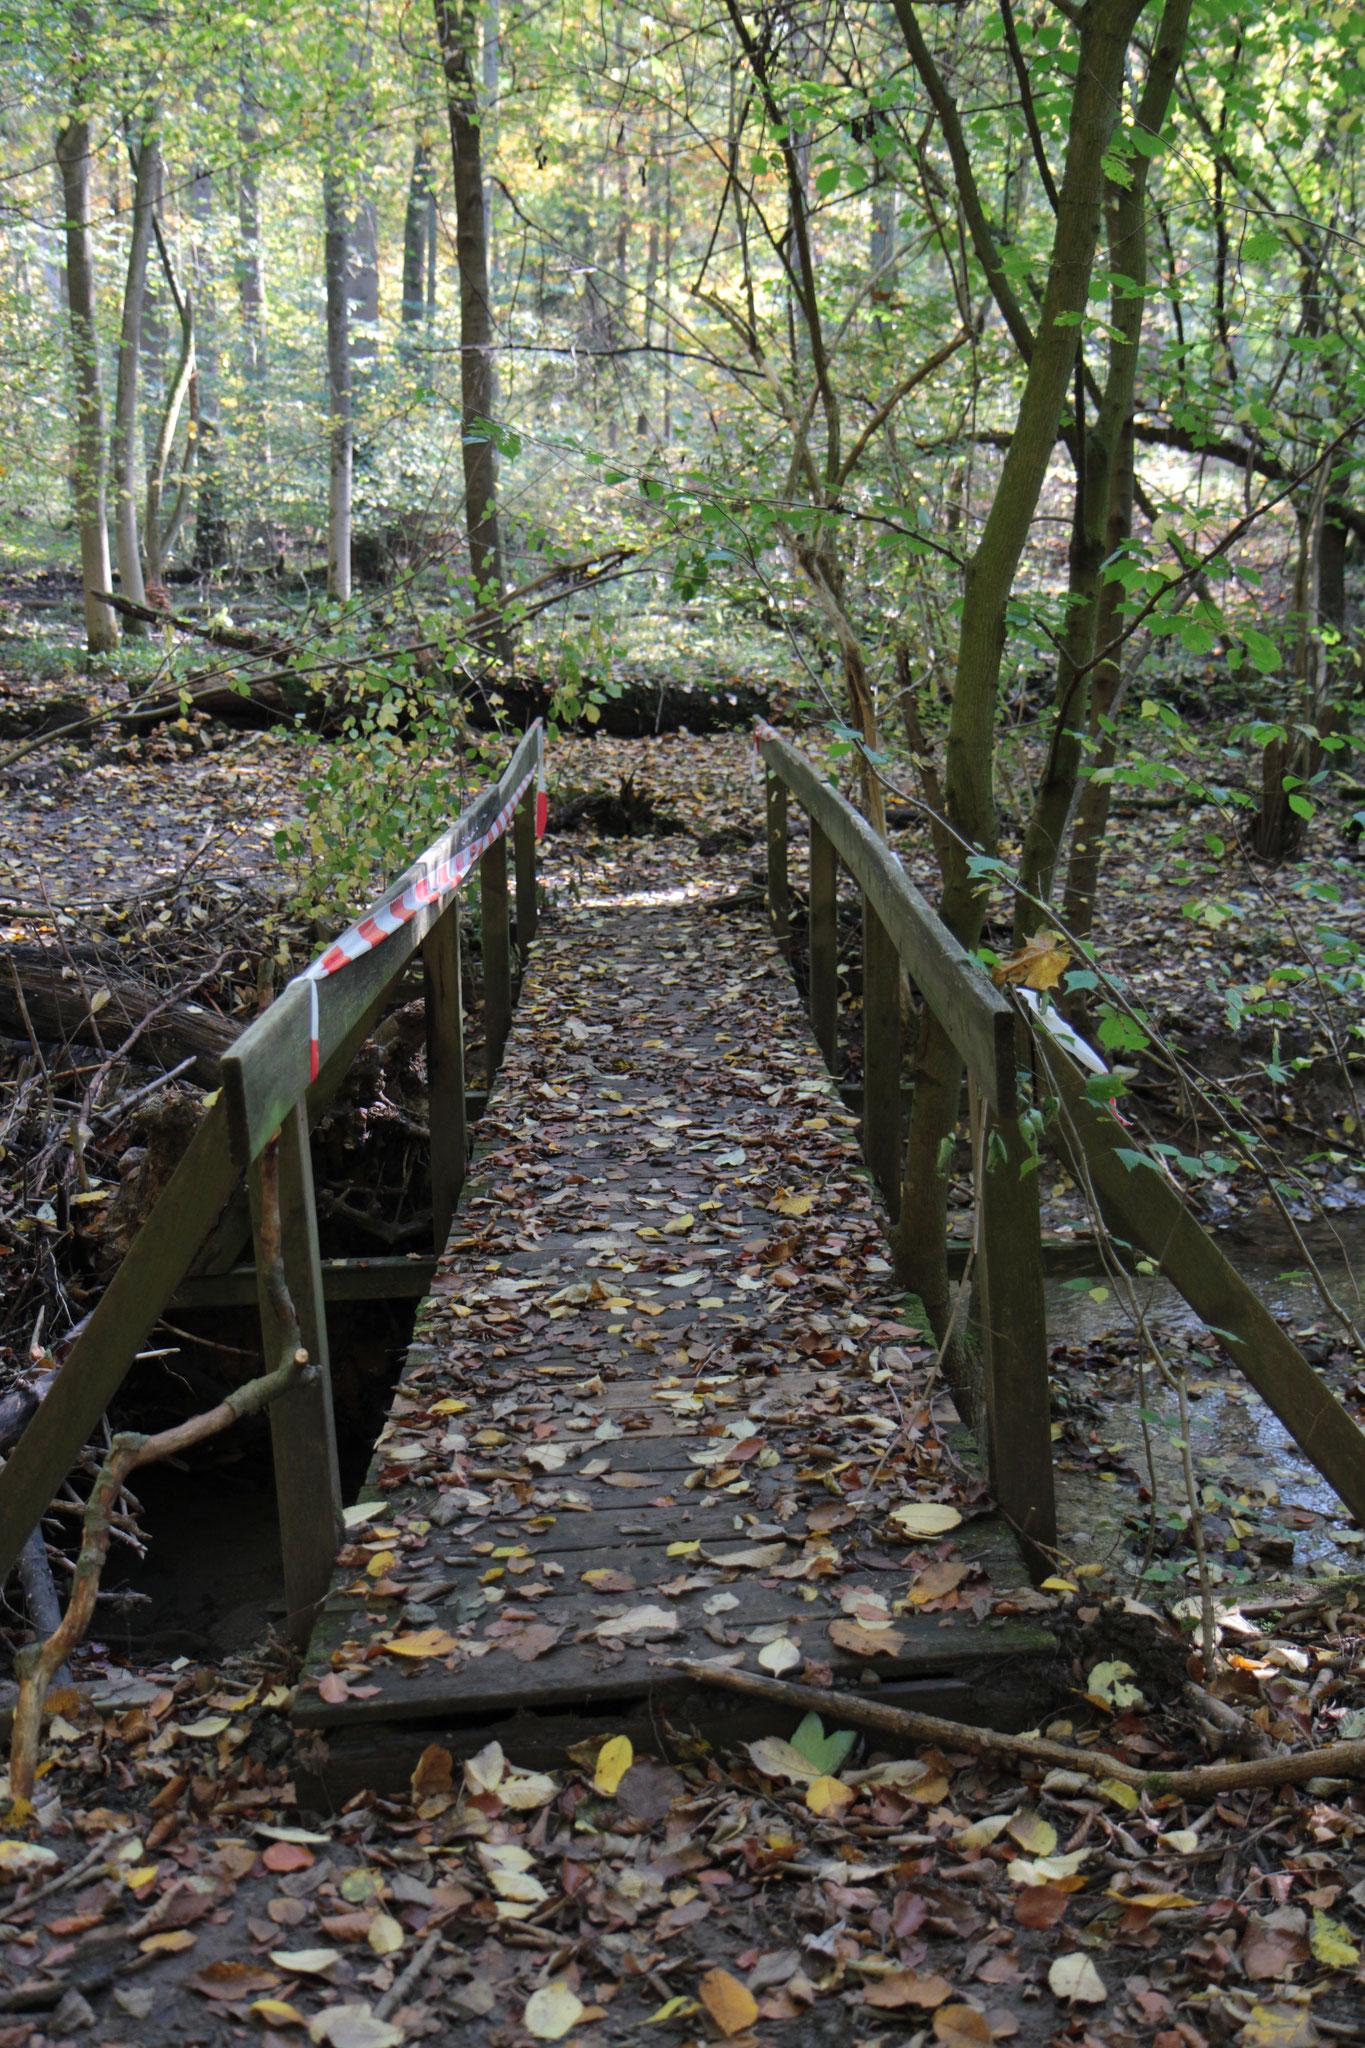 Will ich über diese Brücke gehen? Trägt sie mich? Was ist auf der anderen Seite?